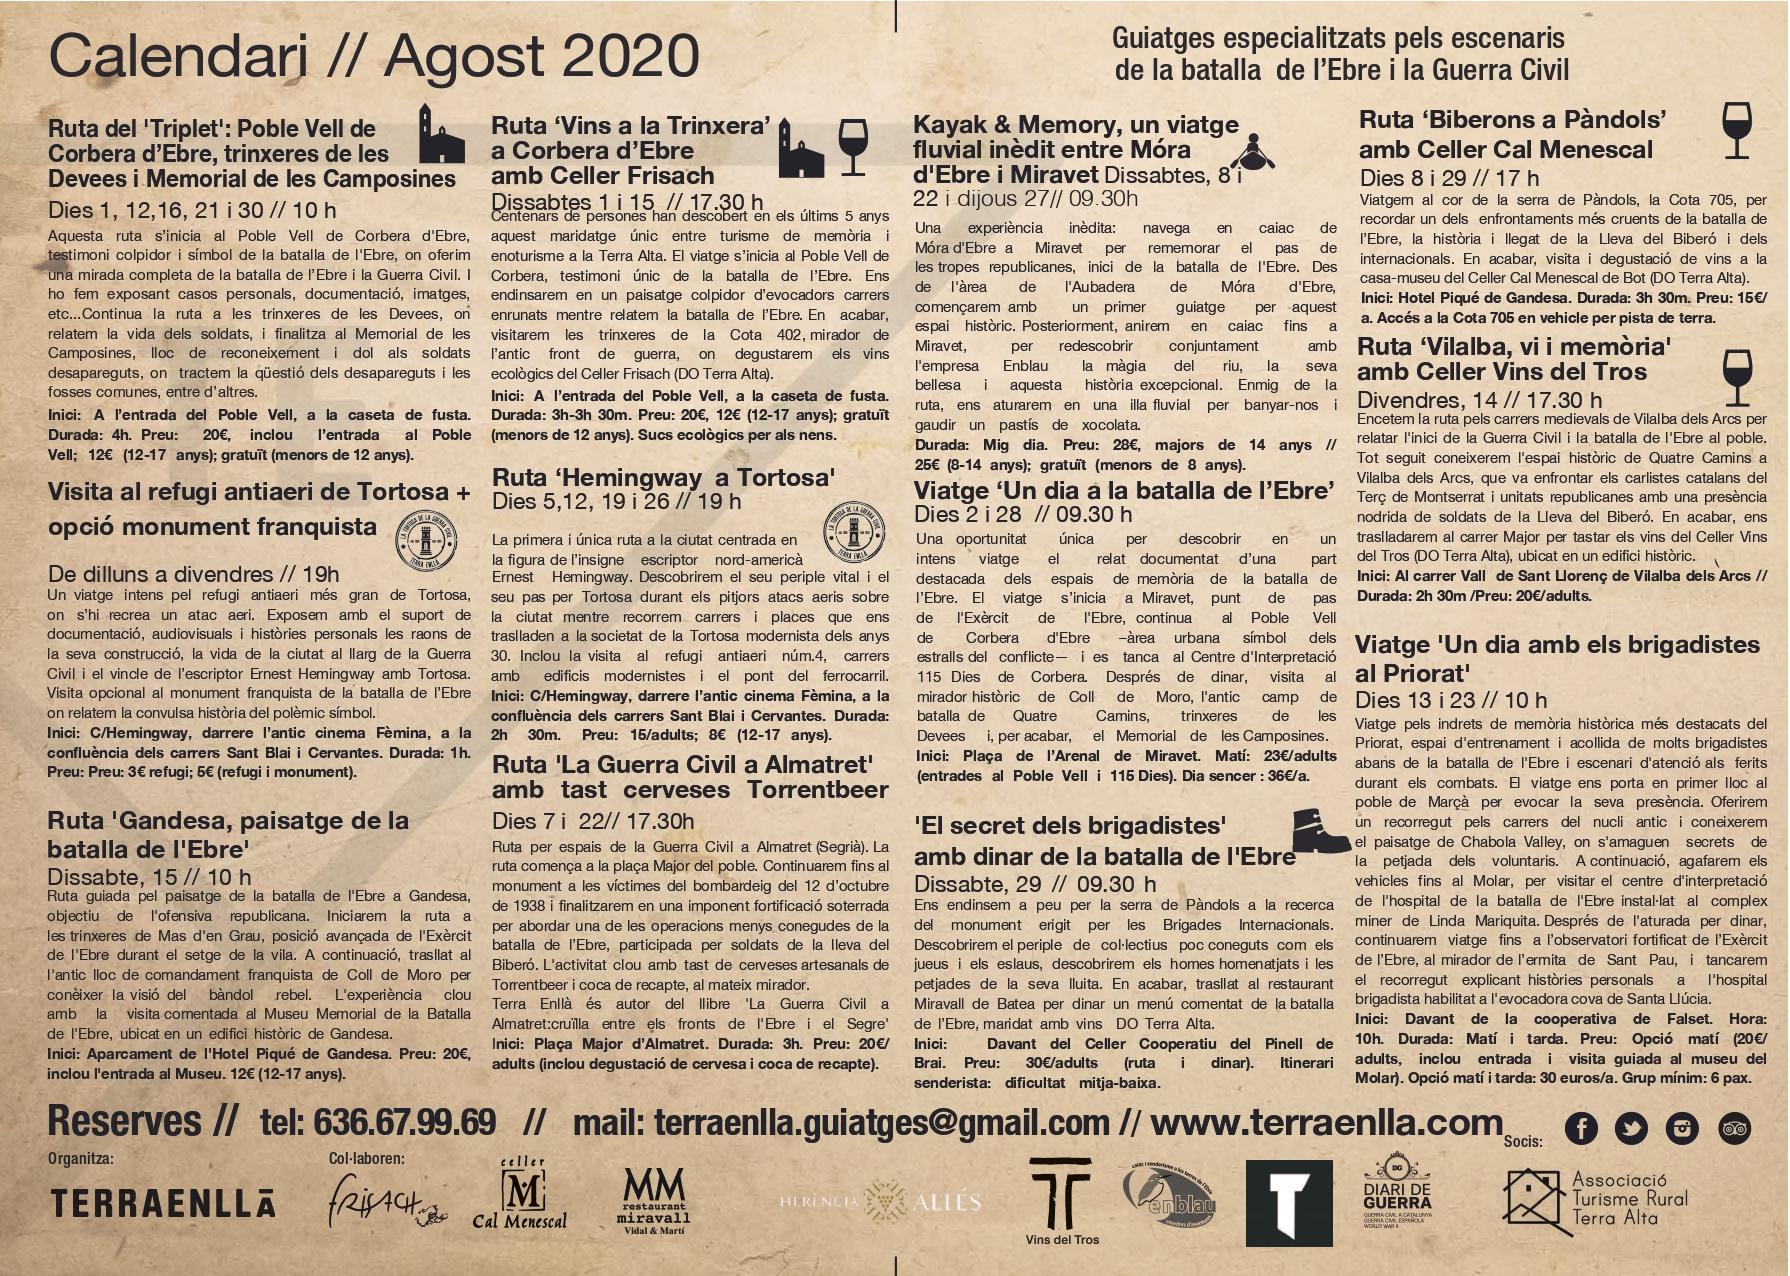 Terra Enllà. Calendari d'agost 2020, pàg. 2